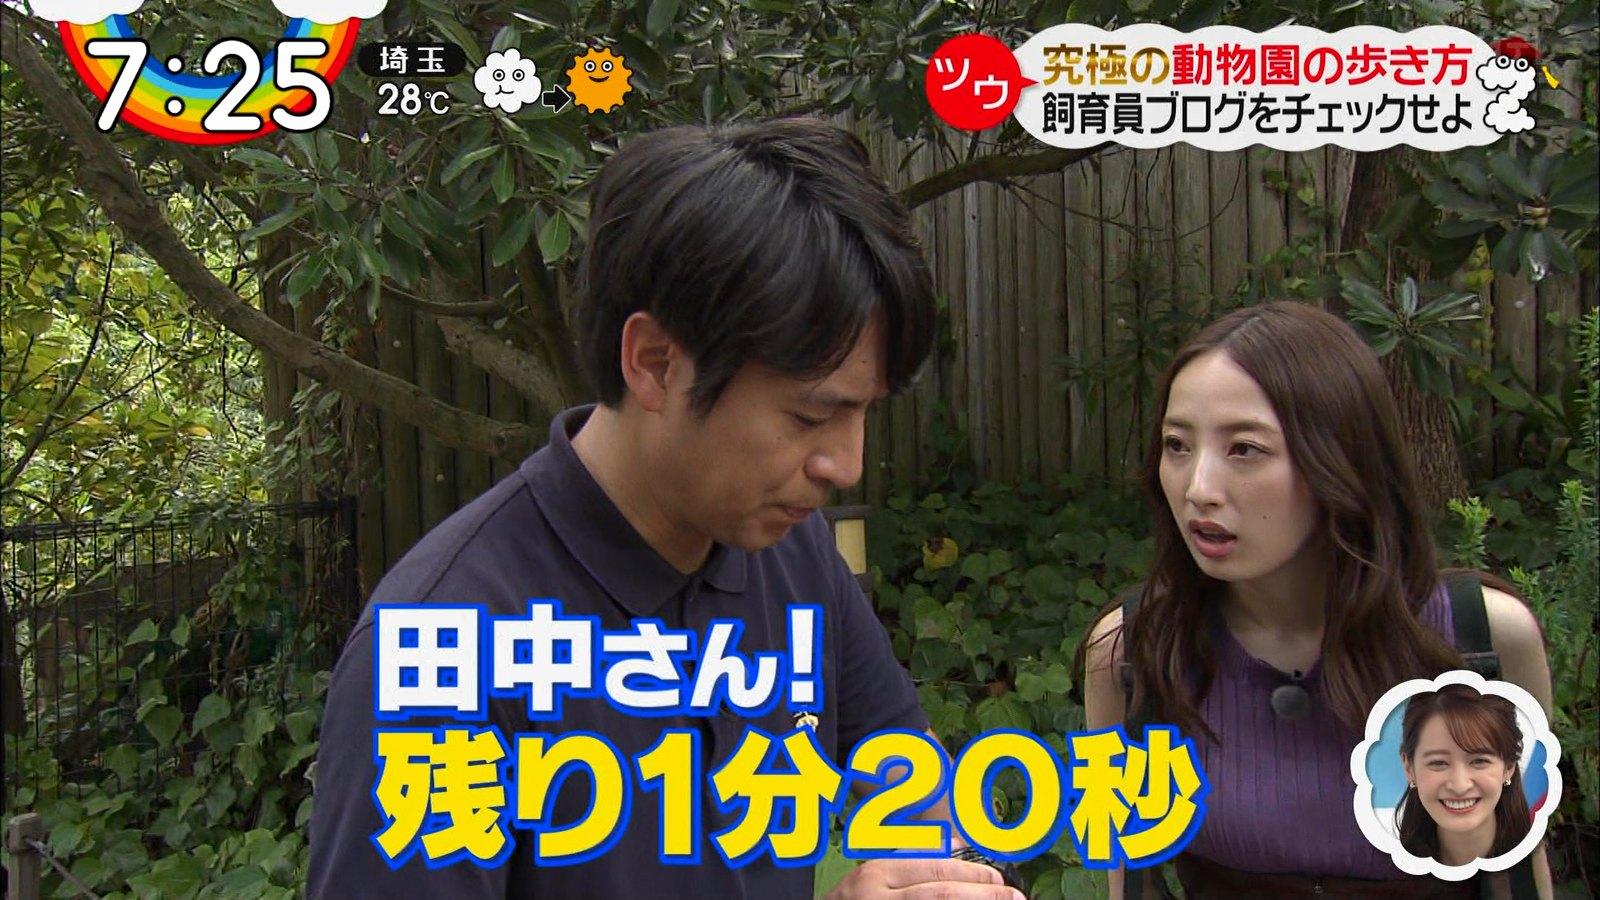 2019年9月5日「ZIP!」團遥香さんのテレビキャプチャー画像-274